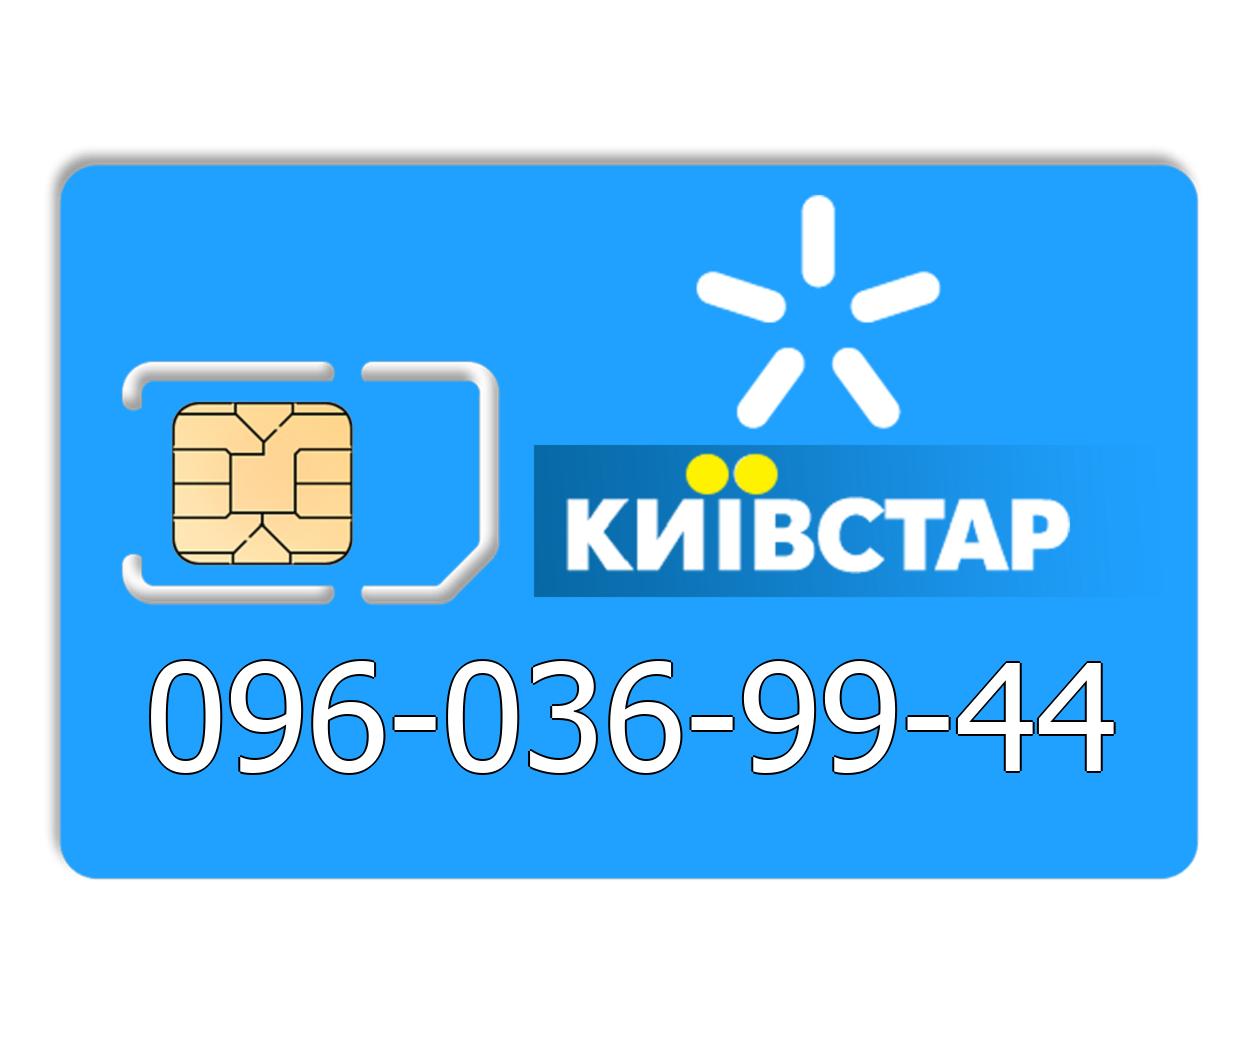 Красивый номер Киевстар 096-036-99-44